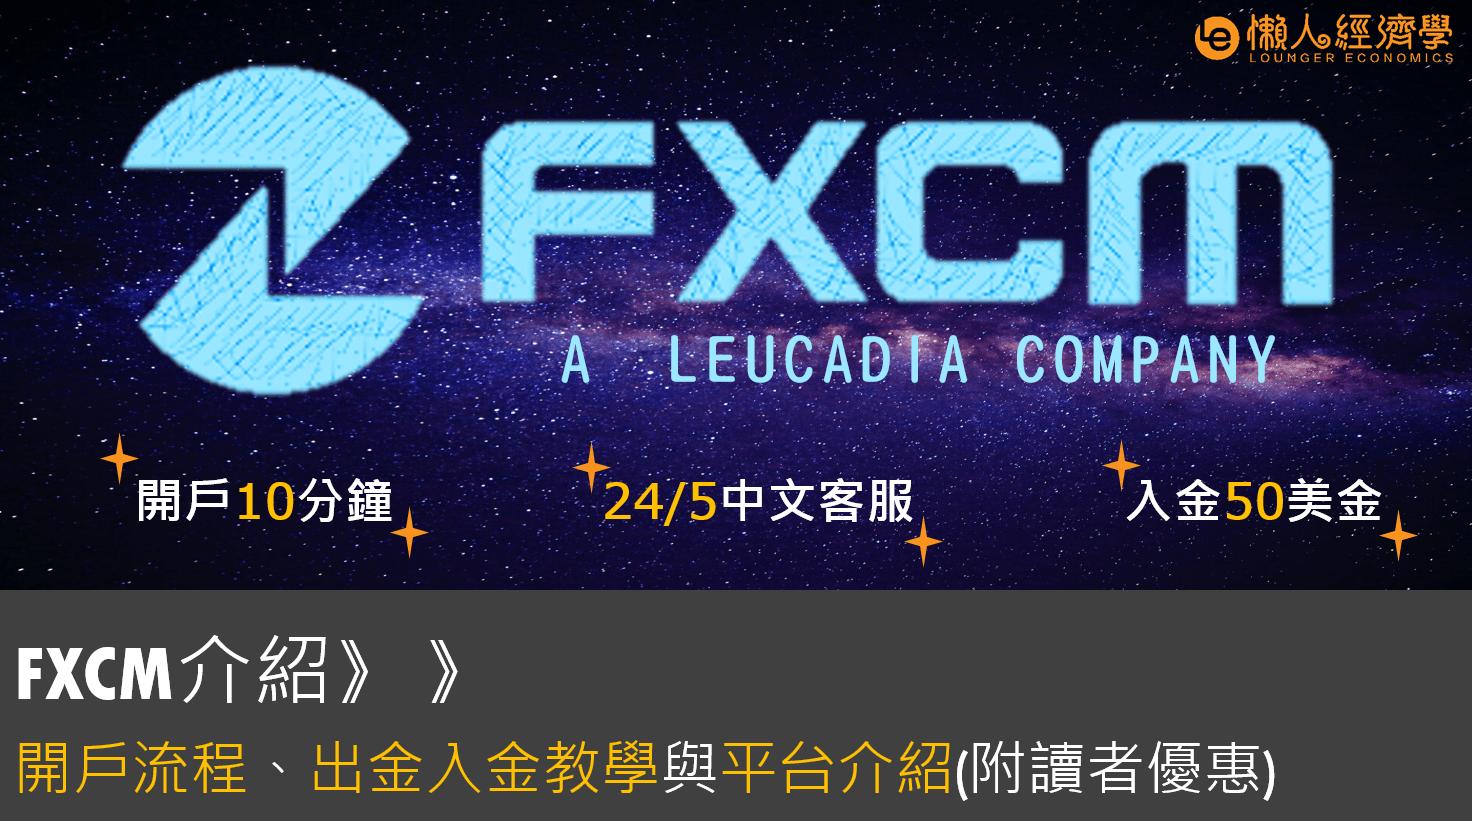 FXCM 評價:10分鐘開戶全圖解、外匯平台使用心得、入金出金實測、中文客服體驗(附讀者優惠)